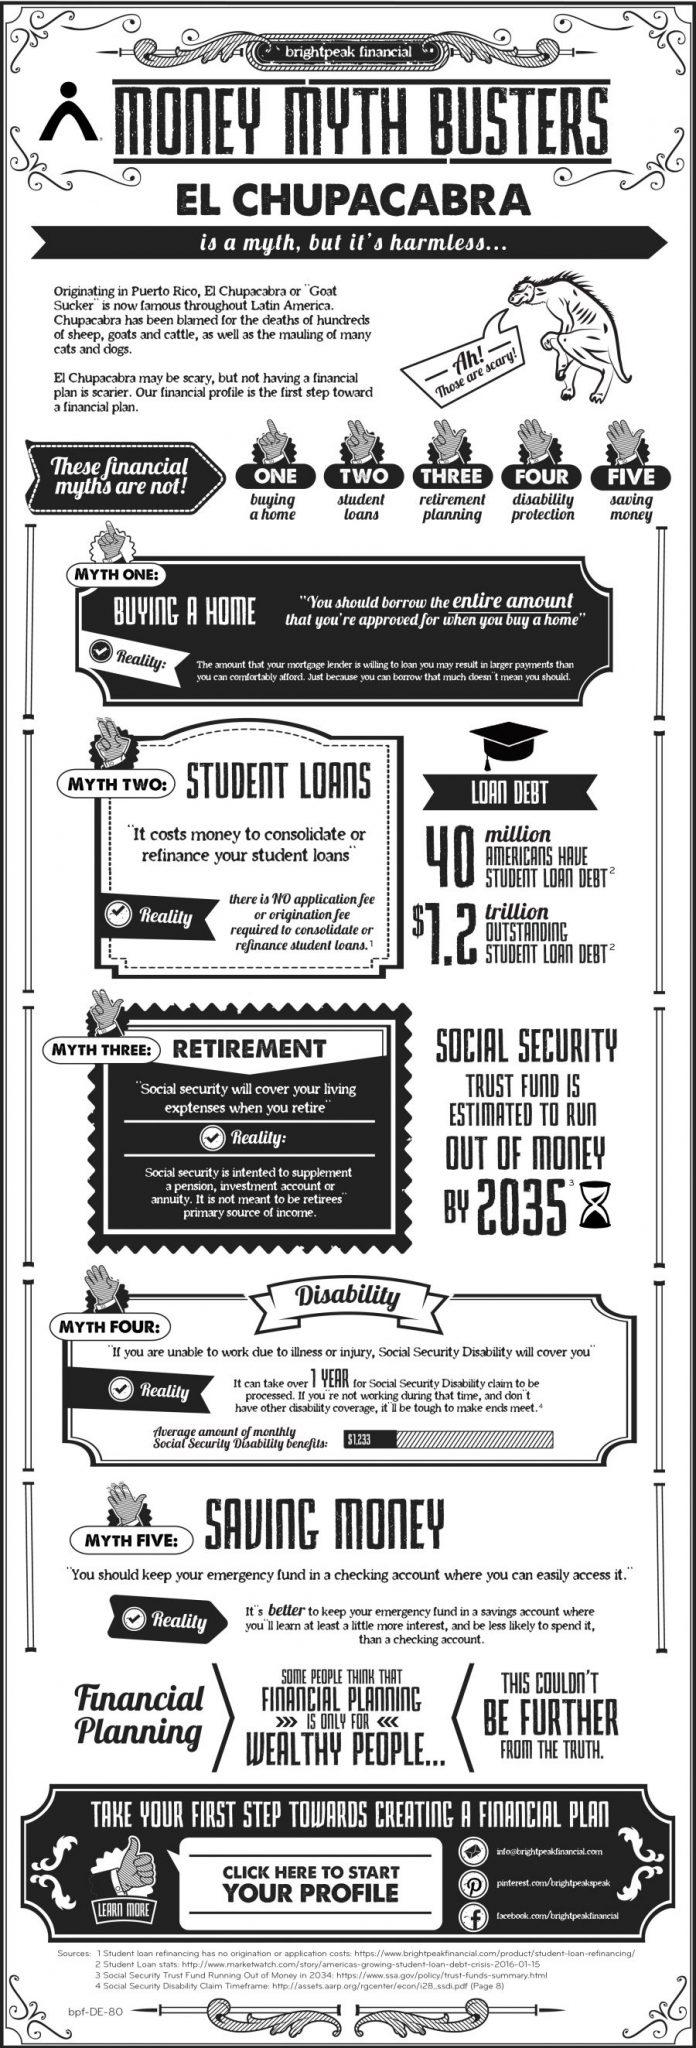 brightpeak financial's MoneyMyth.org infographic